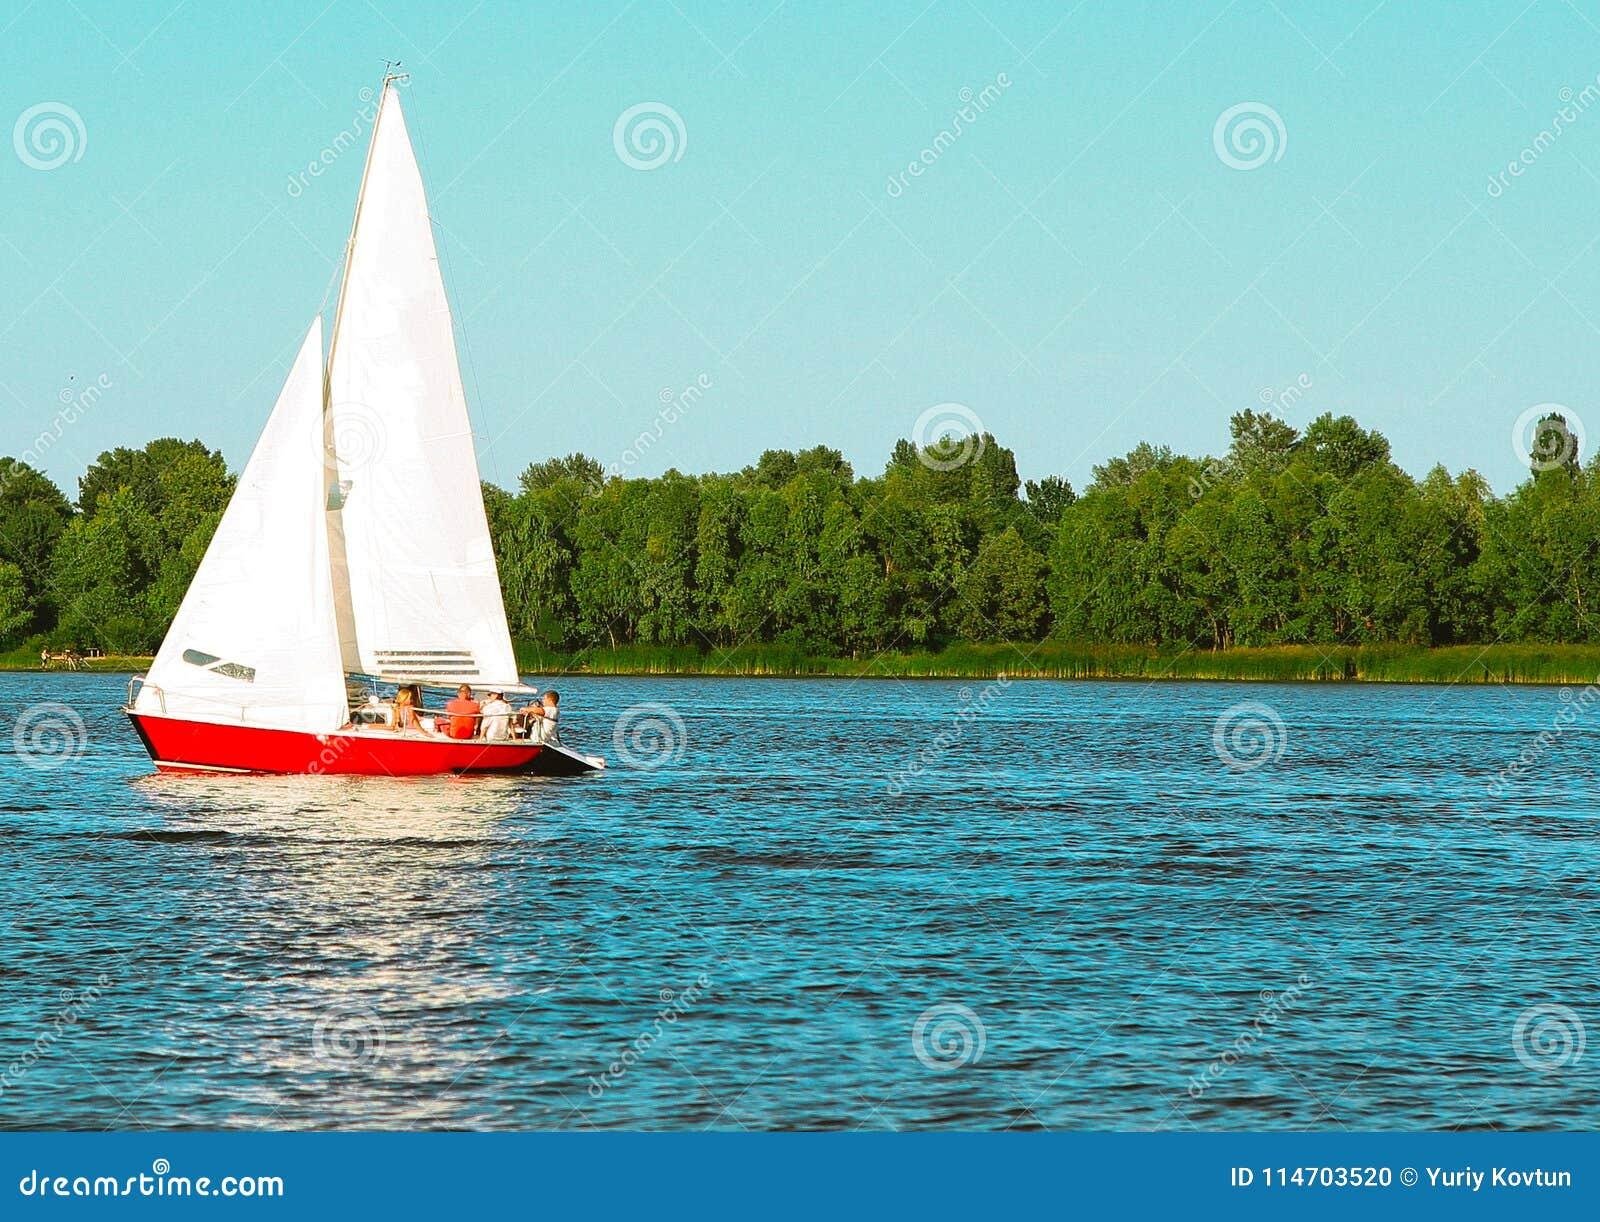 Парусник яхты двигает вдоль ветрила воды поднятого экипажем